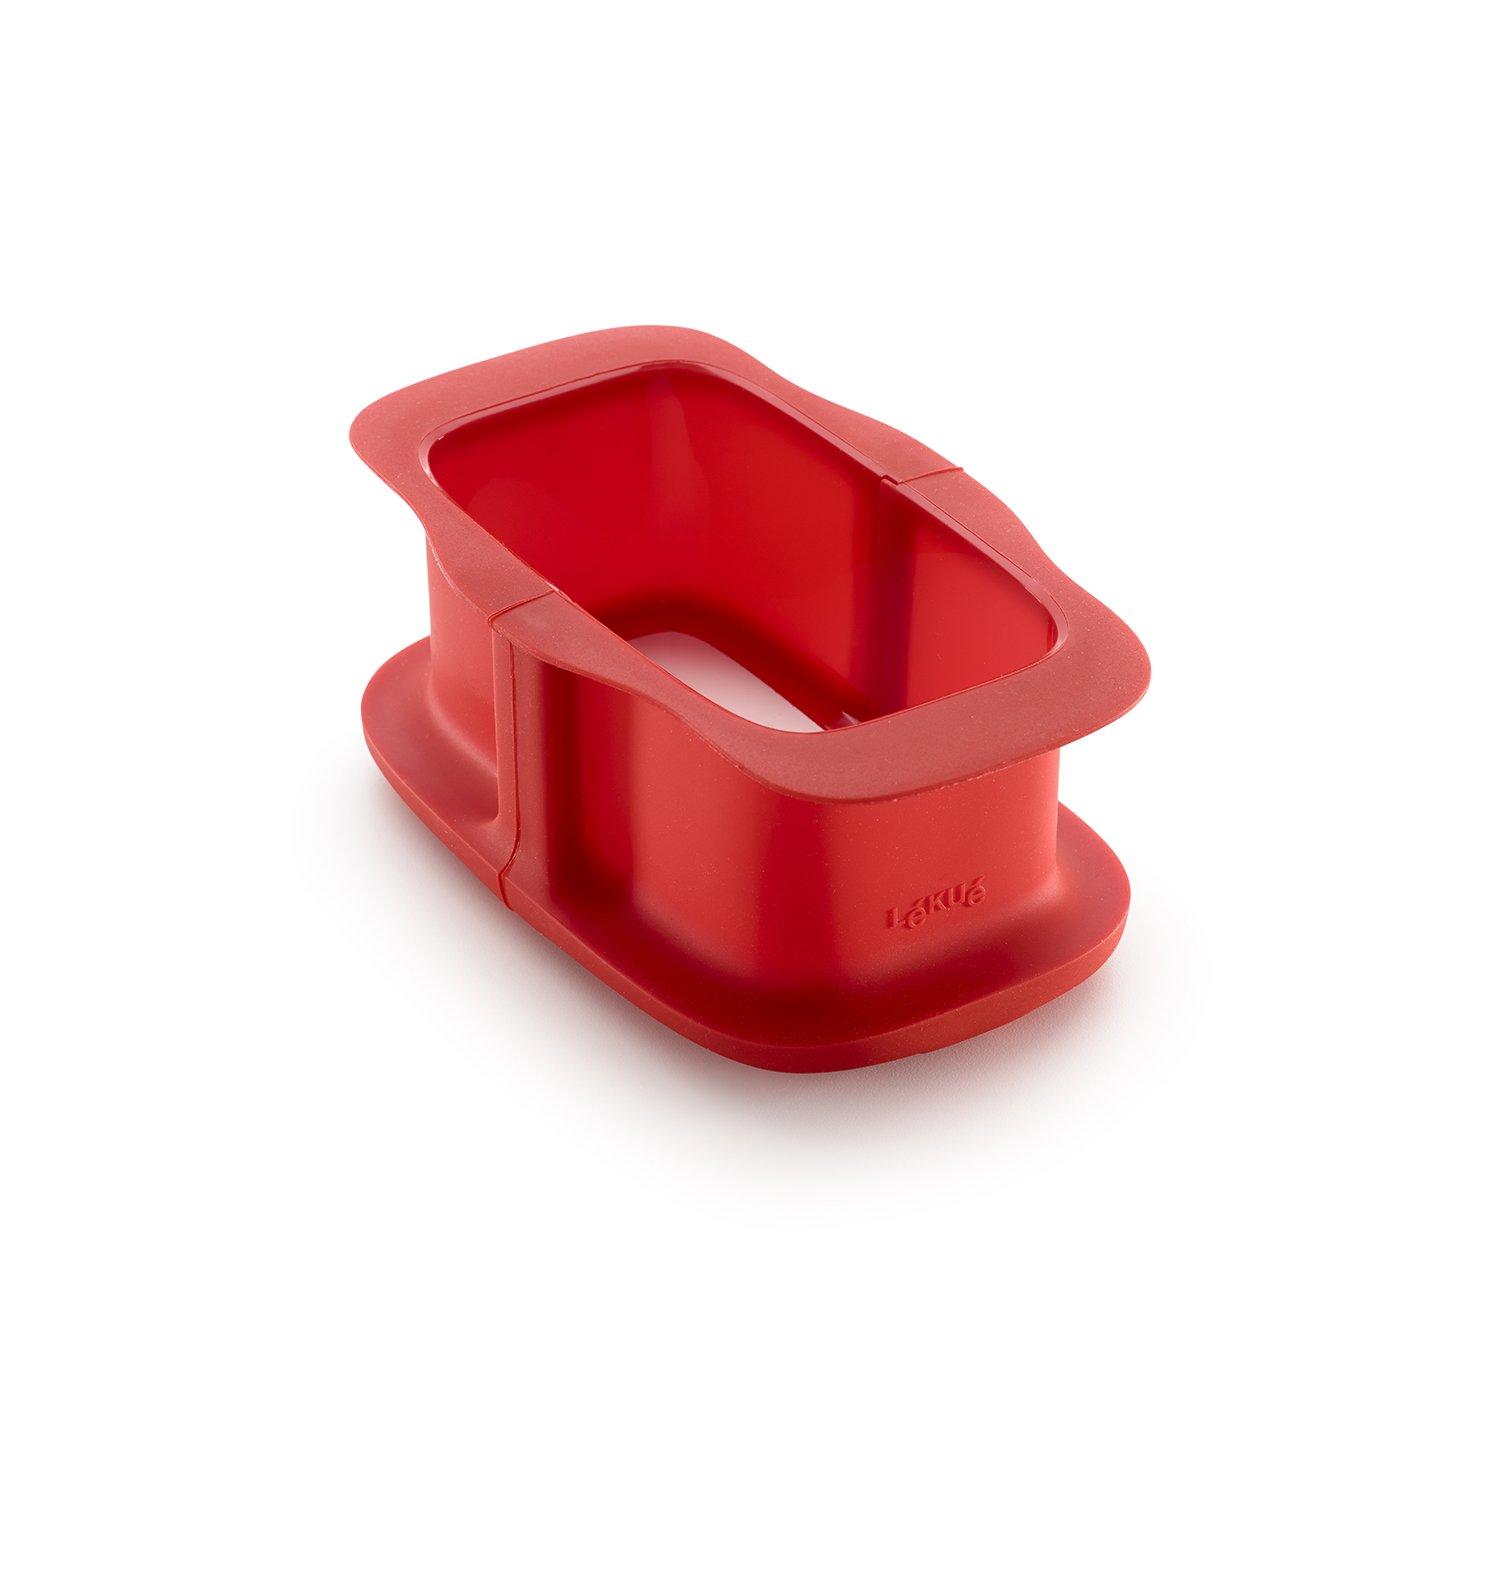 Форма разъемная для кекса с керамическим блюдом 15 см (цвет: красный)